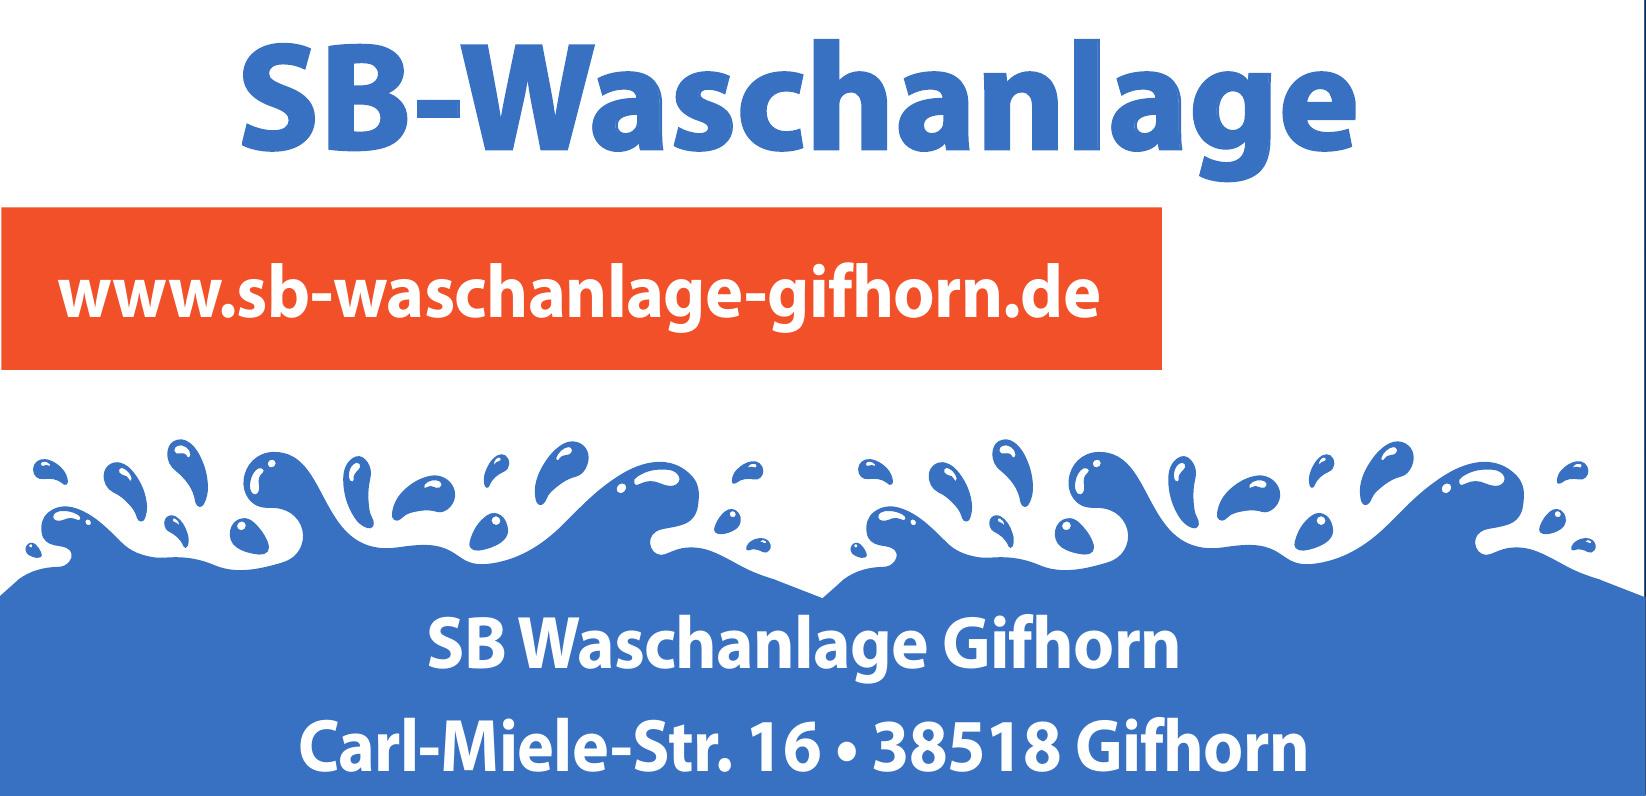 SB Waschanlage Gifhorn